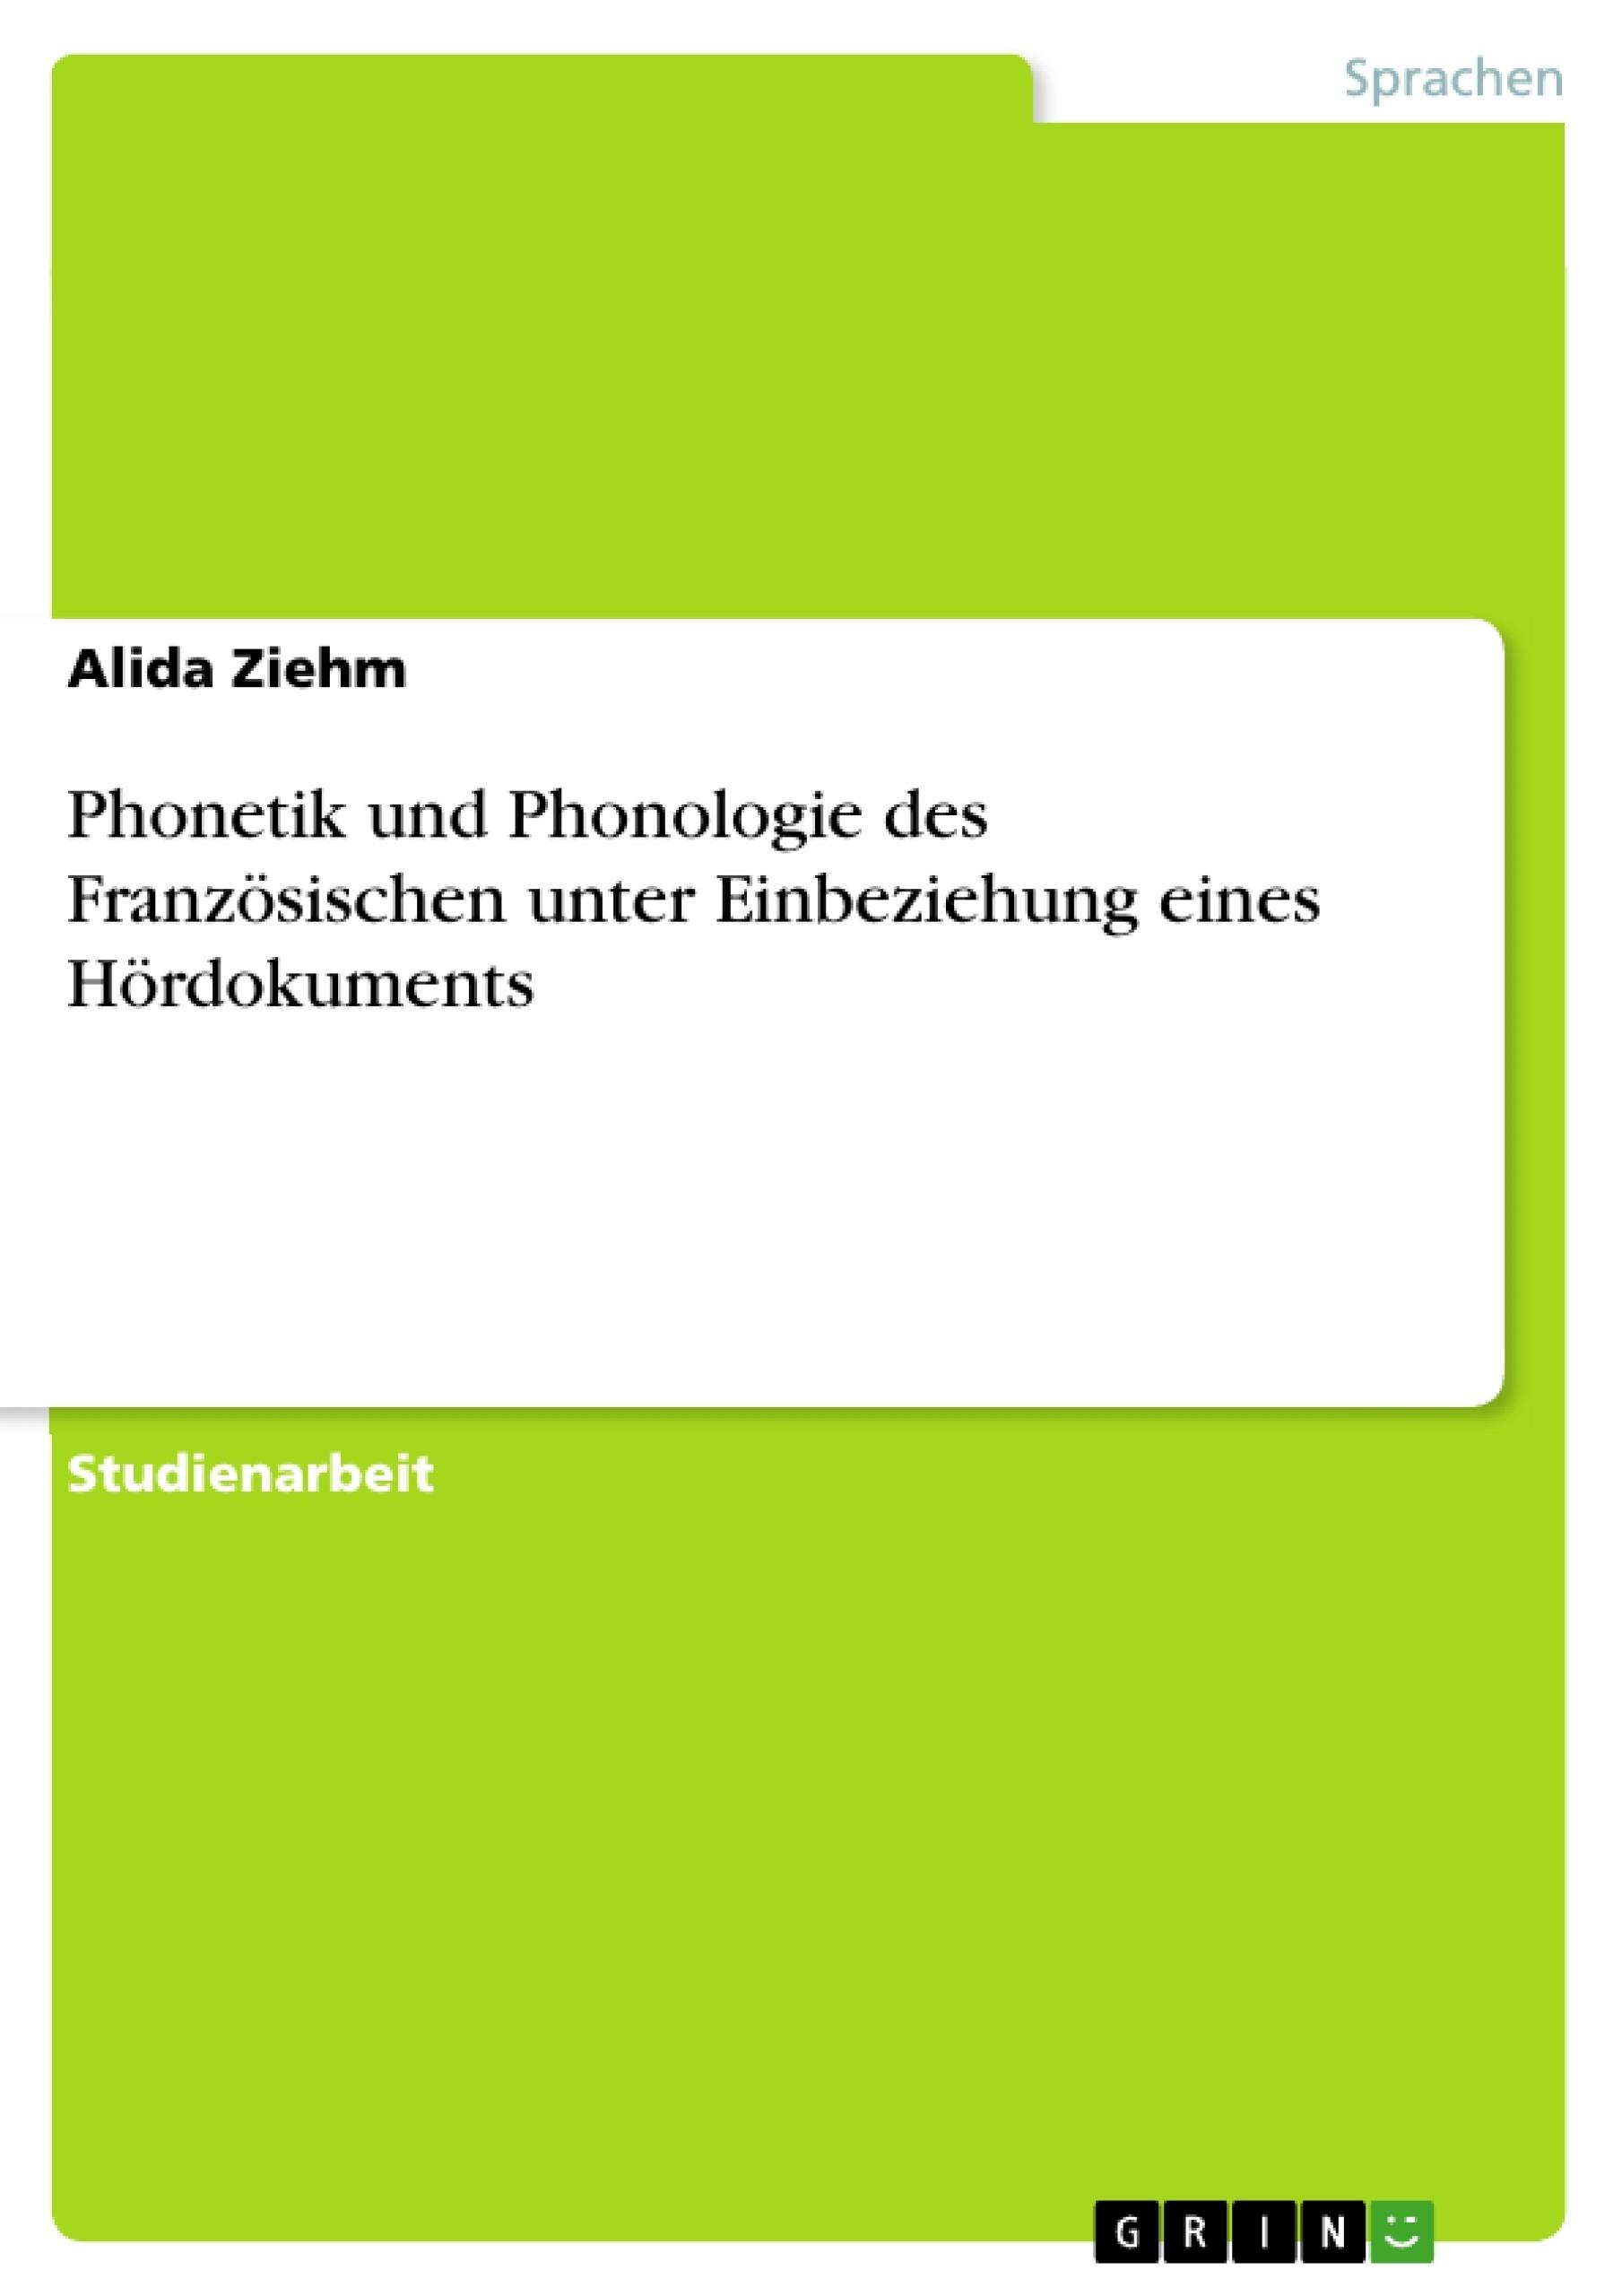 Titel: Phonetik und Phonologie des Französischen unter Einbeziehung eines Hördokuments